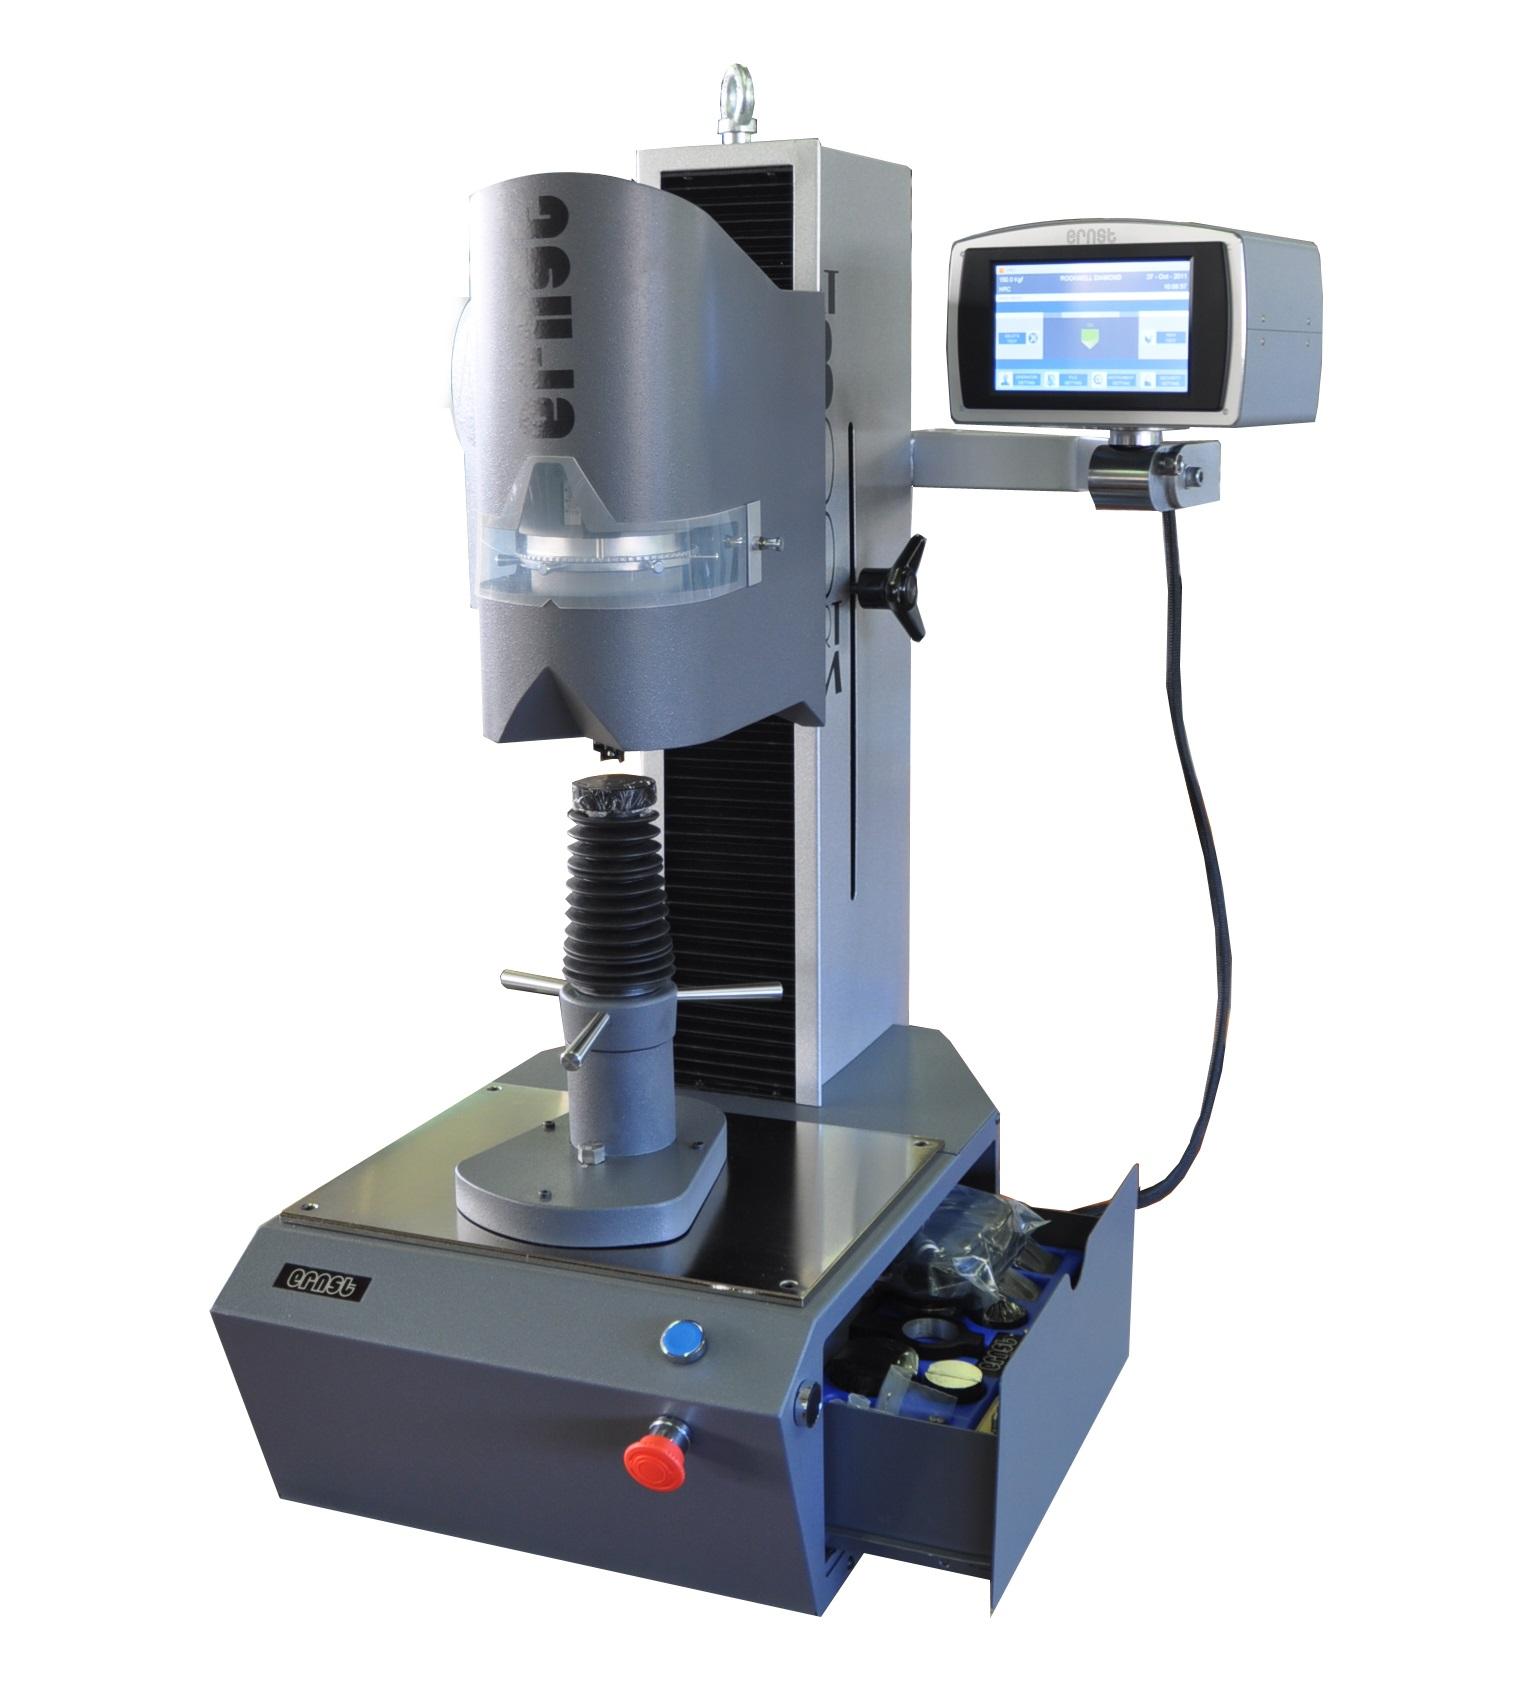 Ernst AT350 automata Rockwell keménységmérő